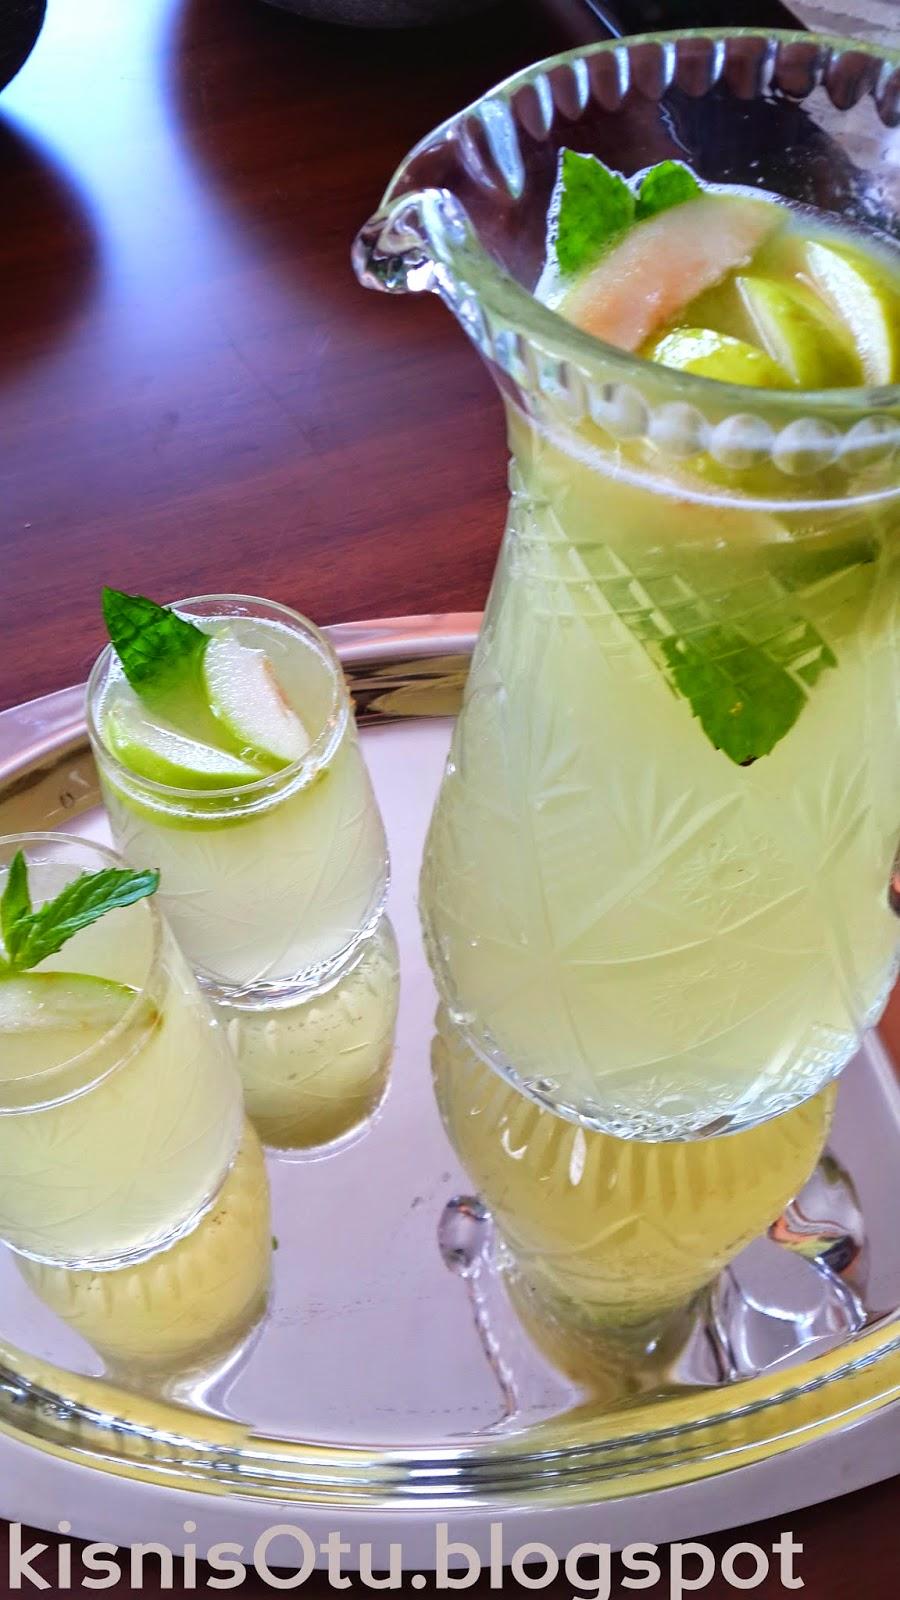 limonata tarifi, tarifi, içecek, içecek tarifleri, nefis, delicius, yummy